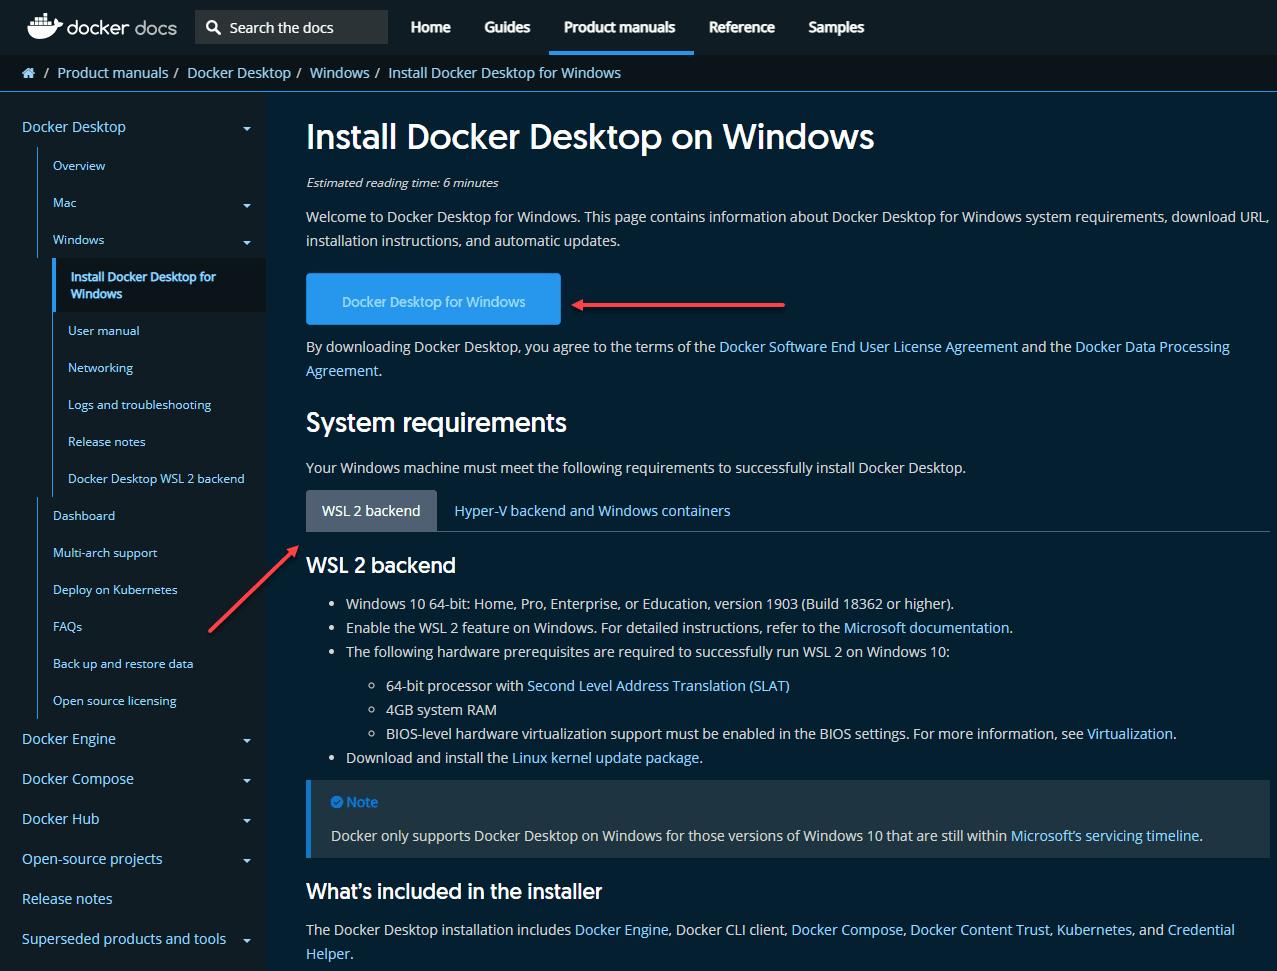 Downloading docker desktop for windows